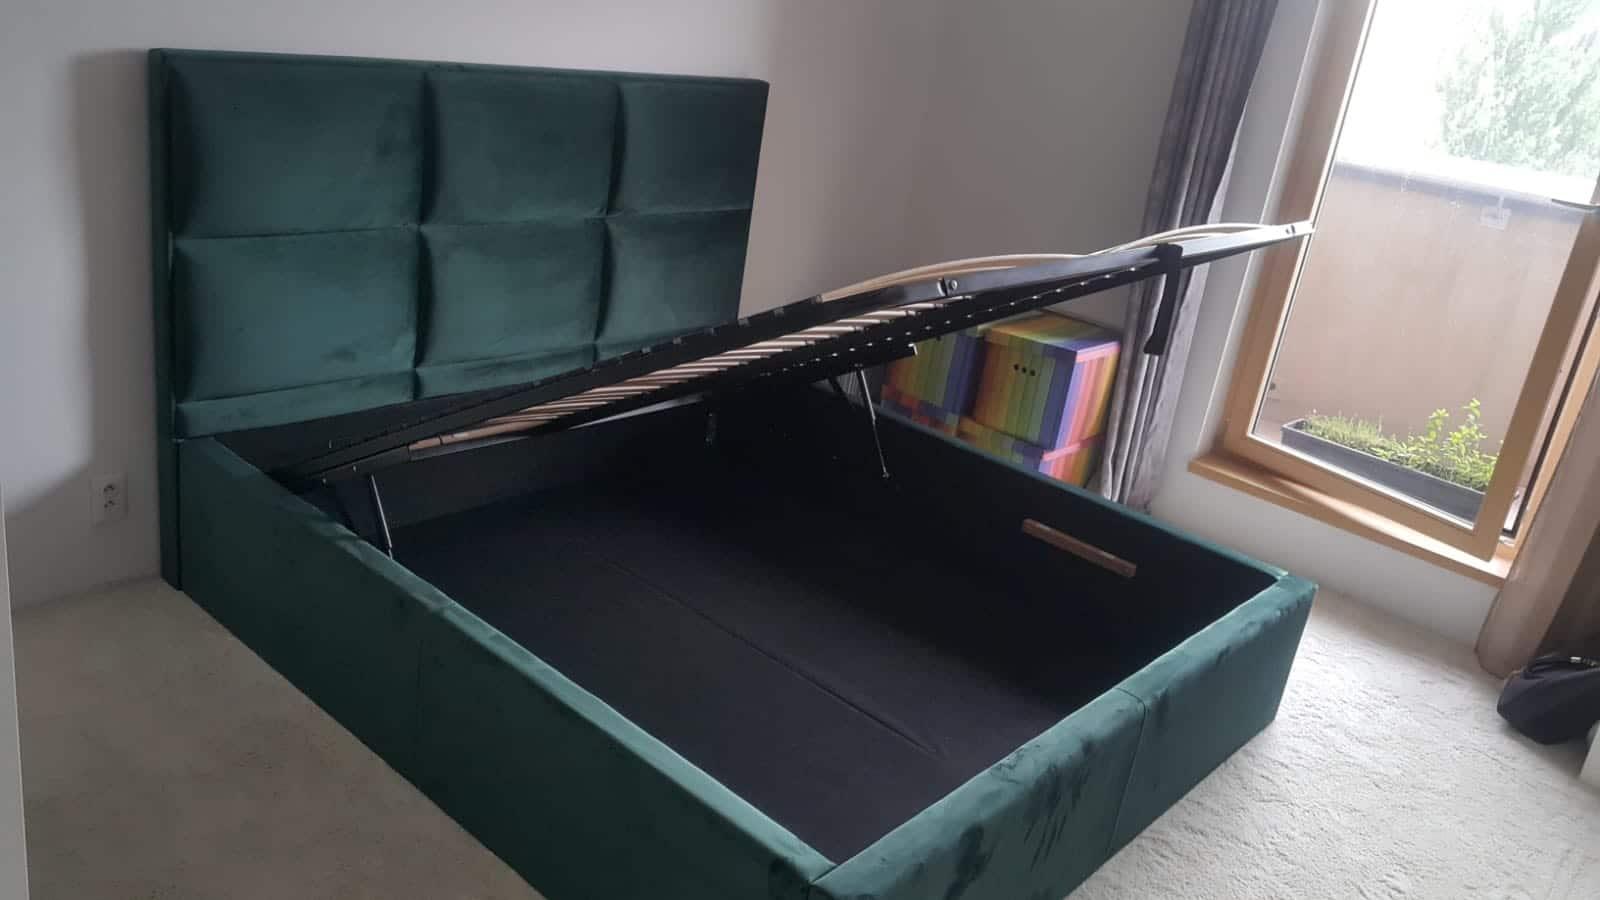 Posteľ Soft Plus(180x200cm)s úložným priestorom, s čelom vysokým 130cm a bočnicami výšky 40cm v látke dodanej zákazníkom